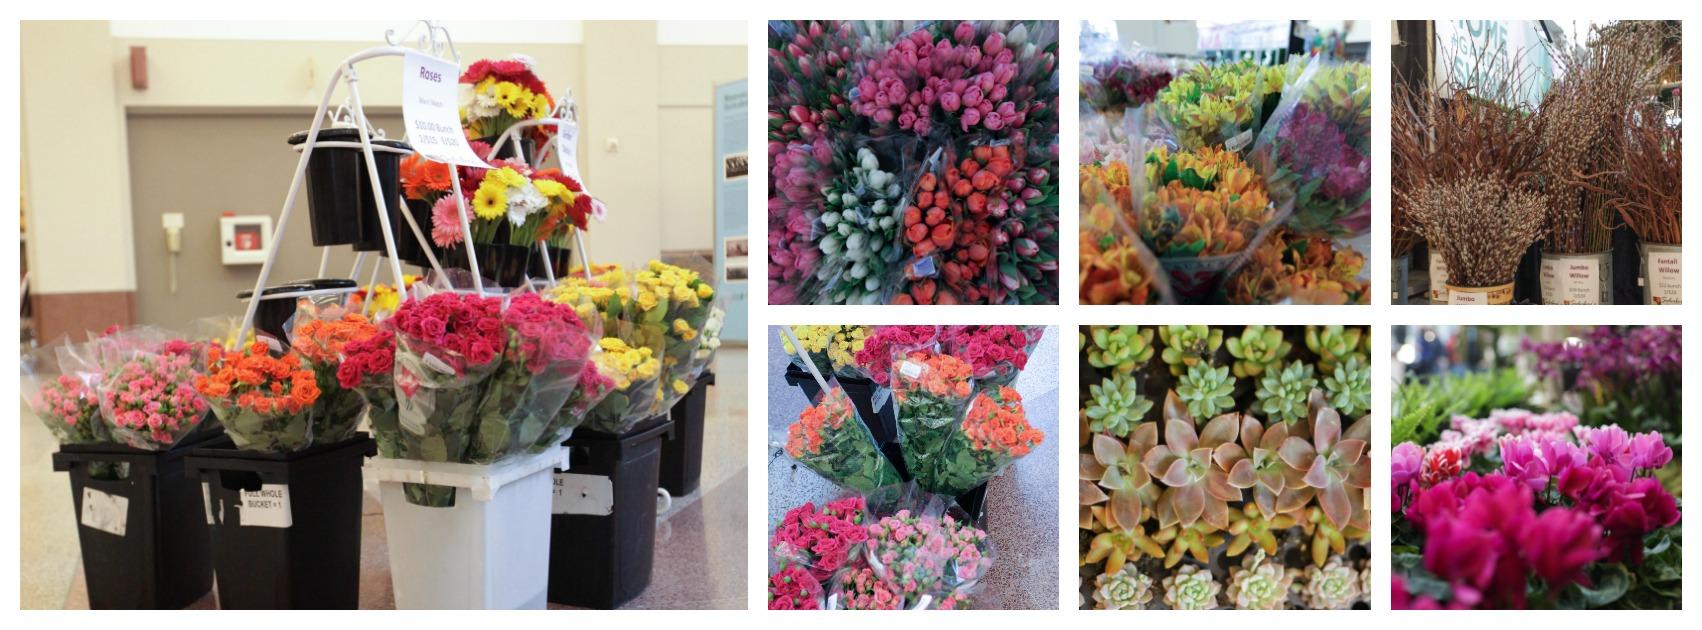 flower-sales-collage.jpg